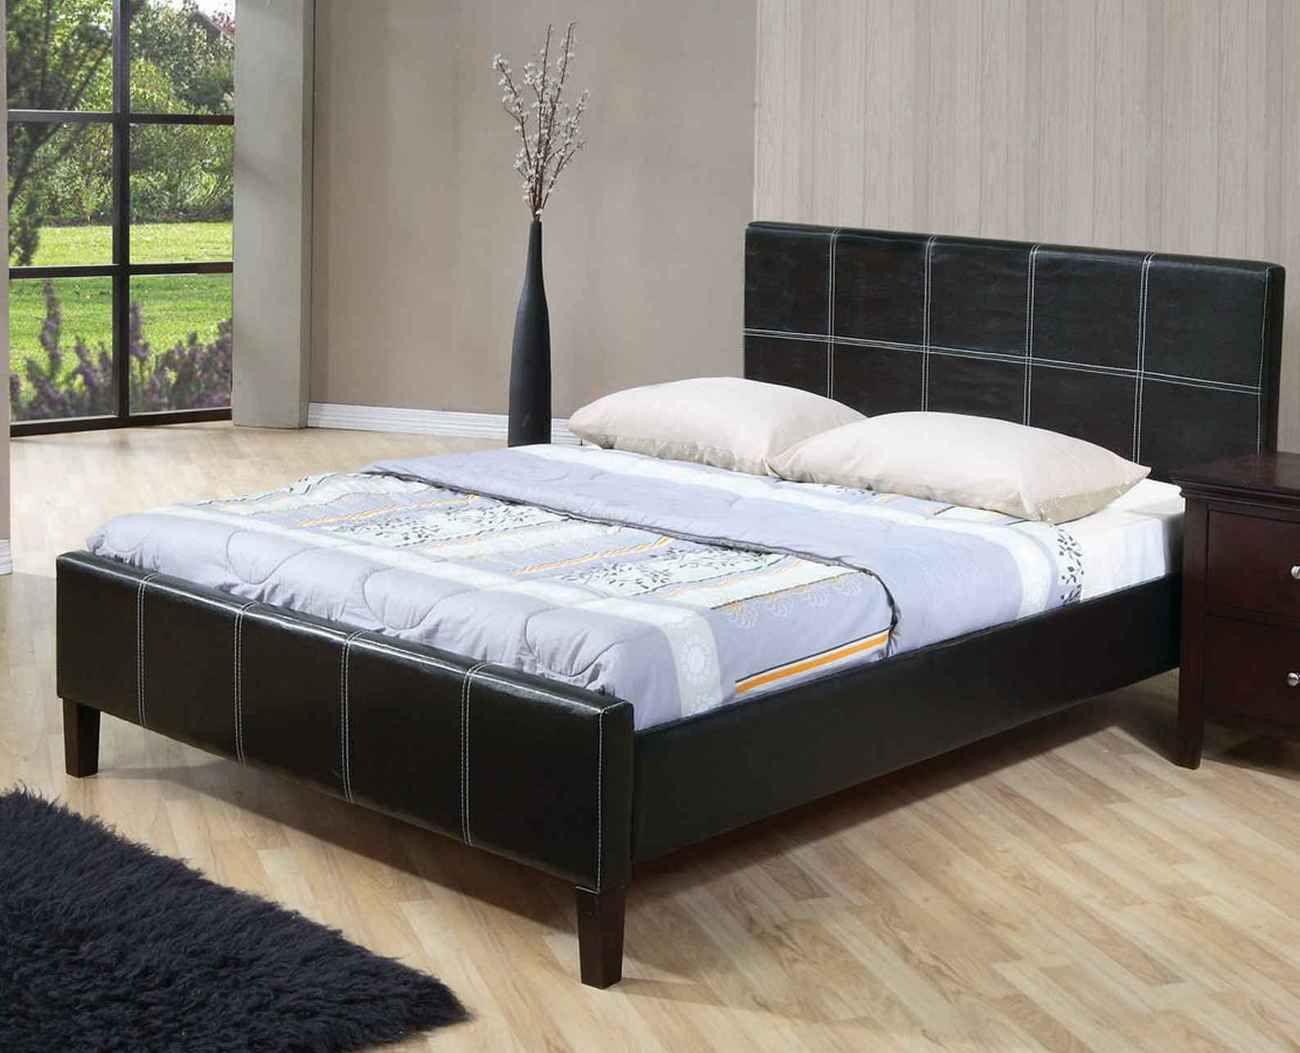 Affordable Queen Bed Bed Frame Mattress Cheap Mattress Sets